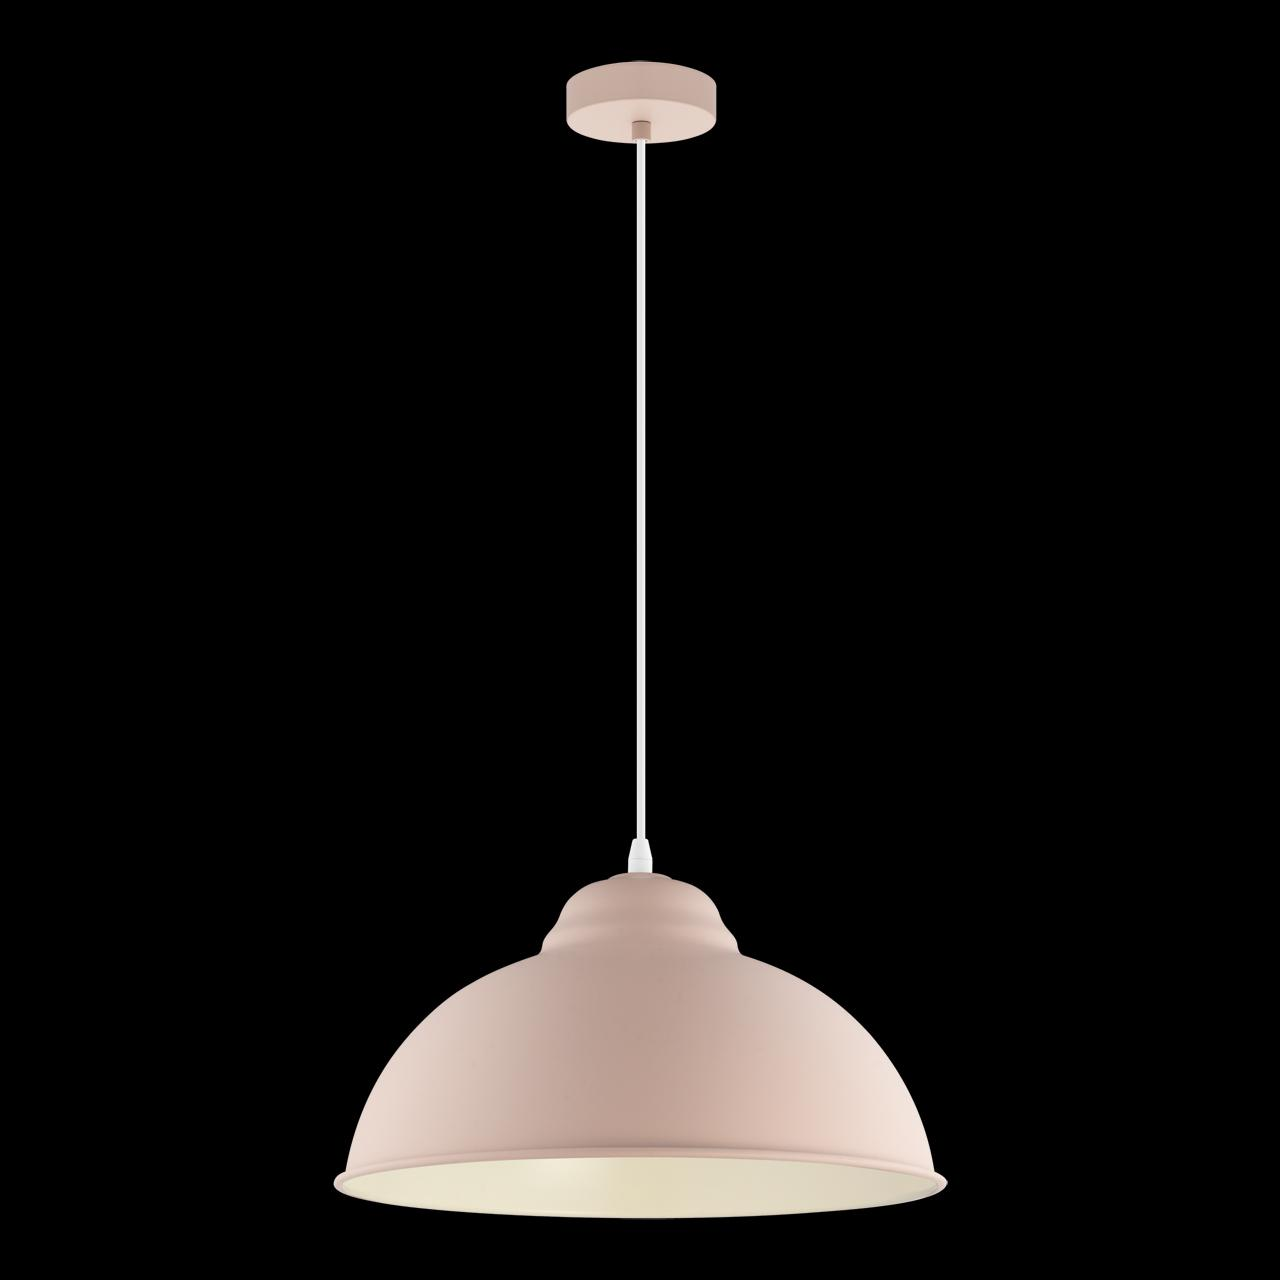 Подвесной светильник Eglo Truro-P 49058 eglo подвесной светильник eglo truro 2 49389